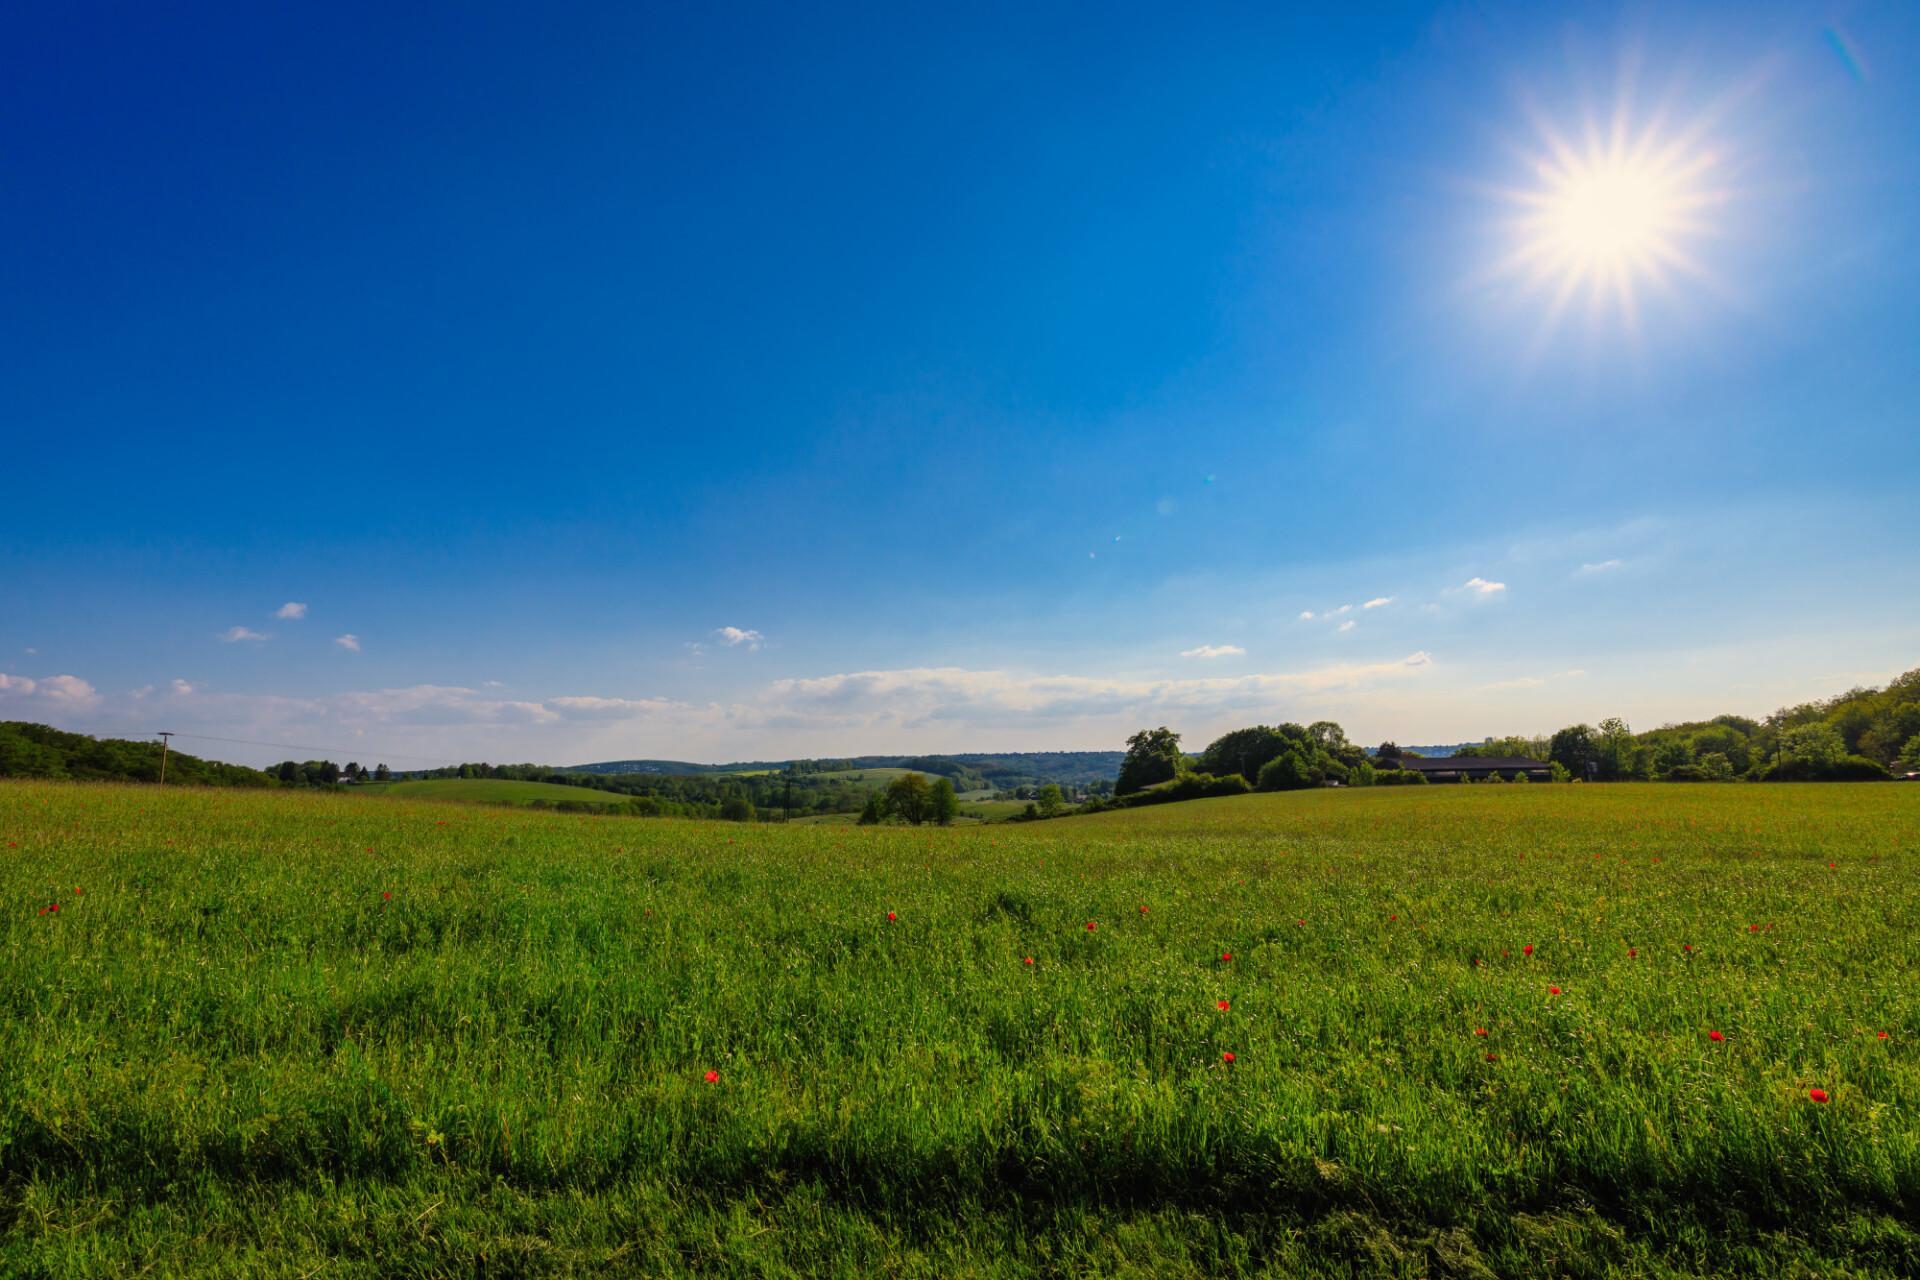 Northern European Rural Landscape